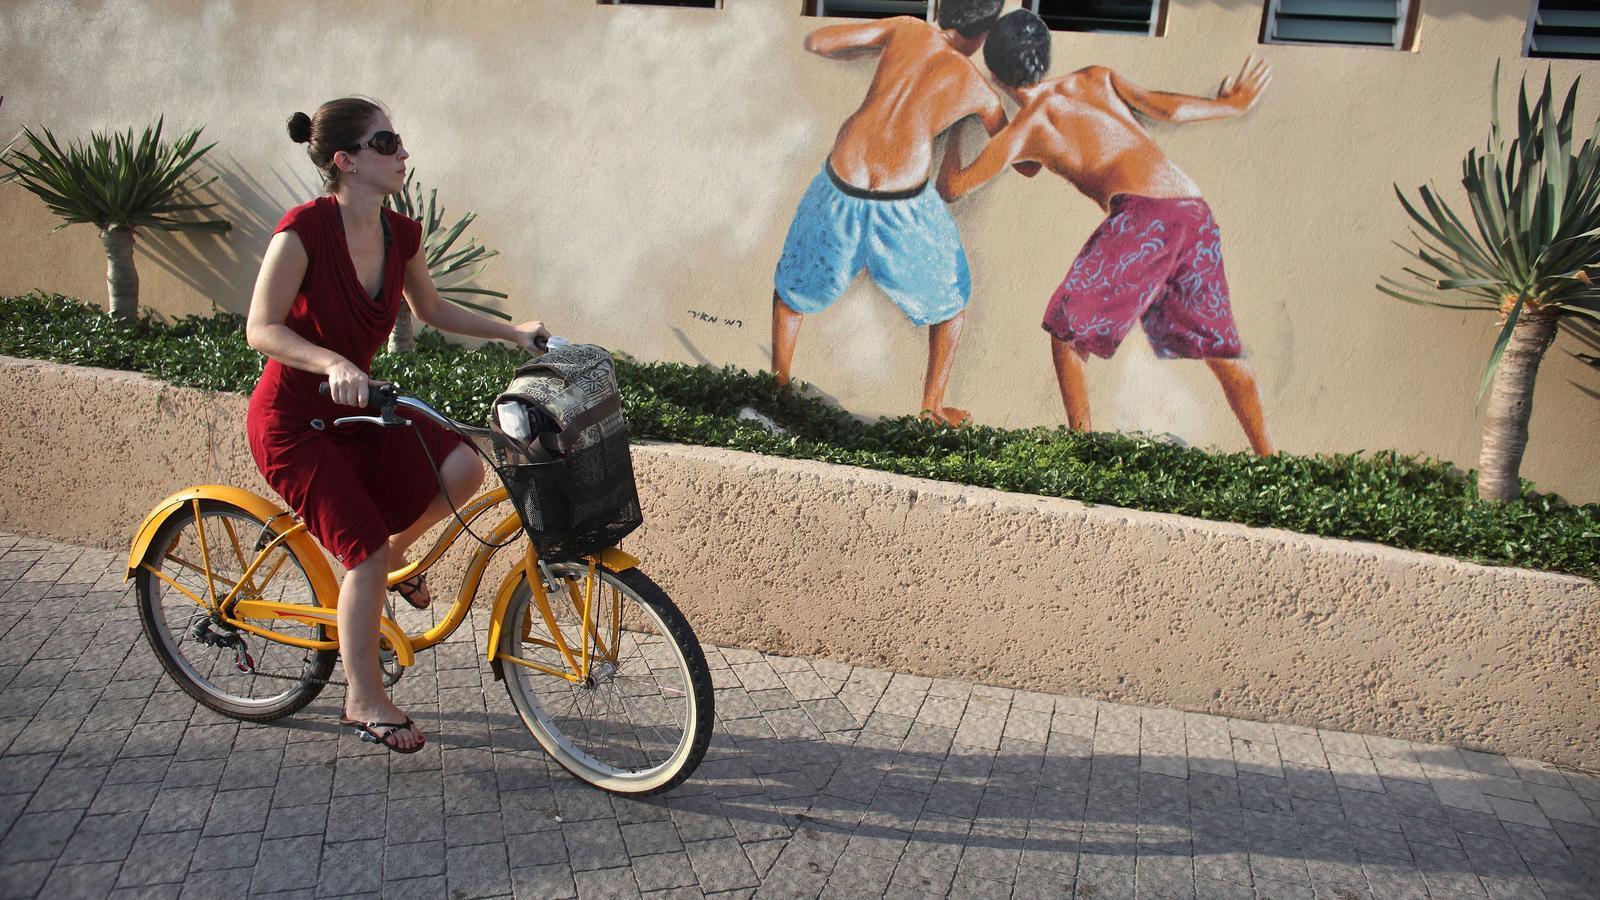 El polèmic mural a la platja de Tel Aviv.